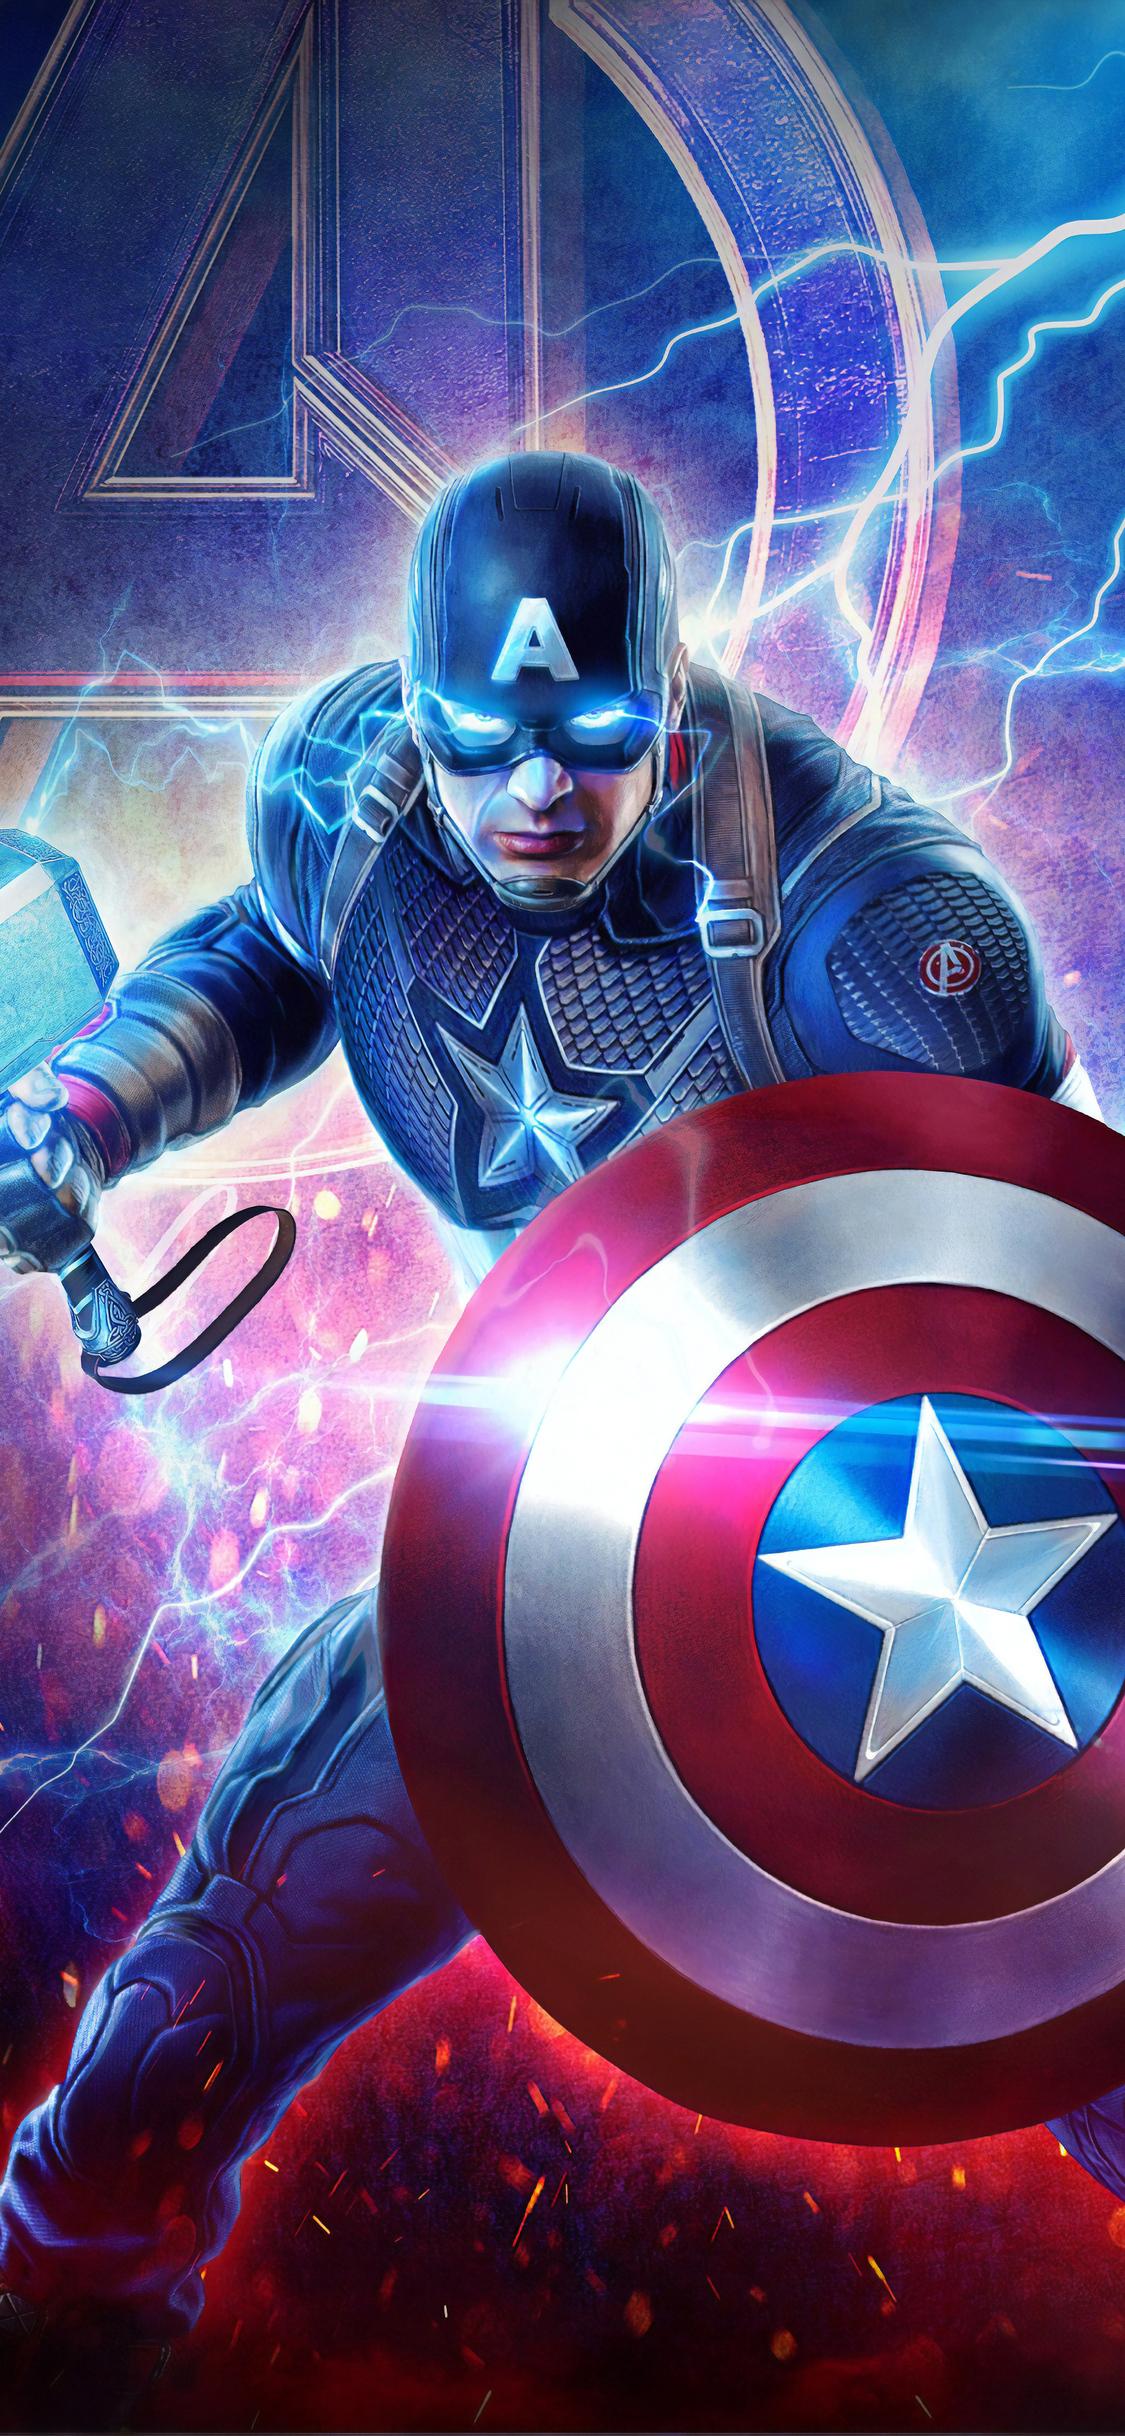 2019-captain-america-mjolnir-avengers-endgame-4k-gv.jpg